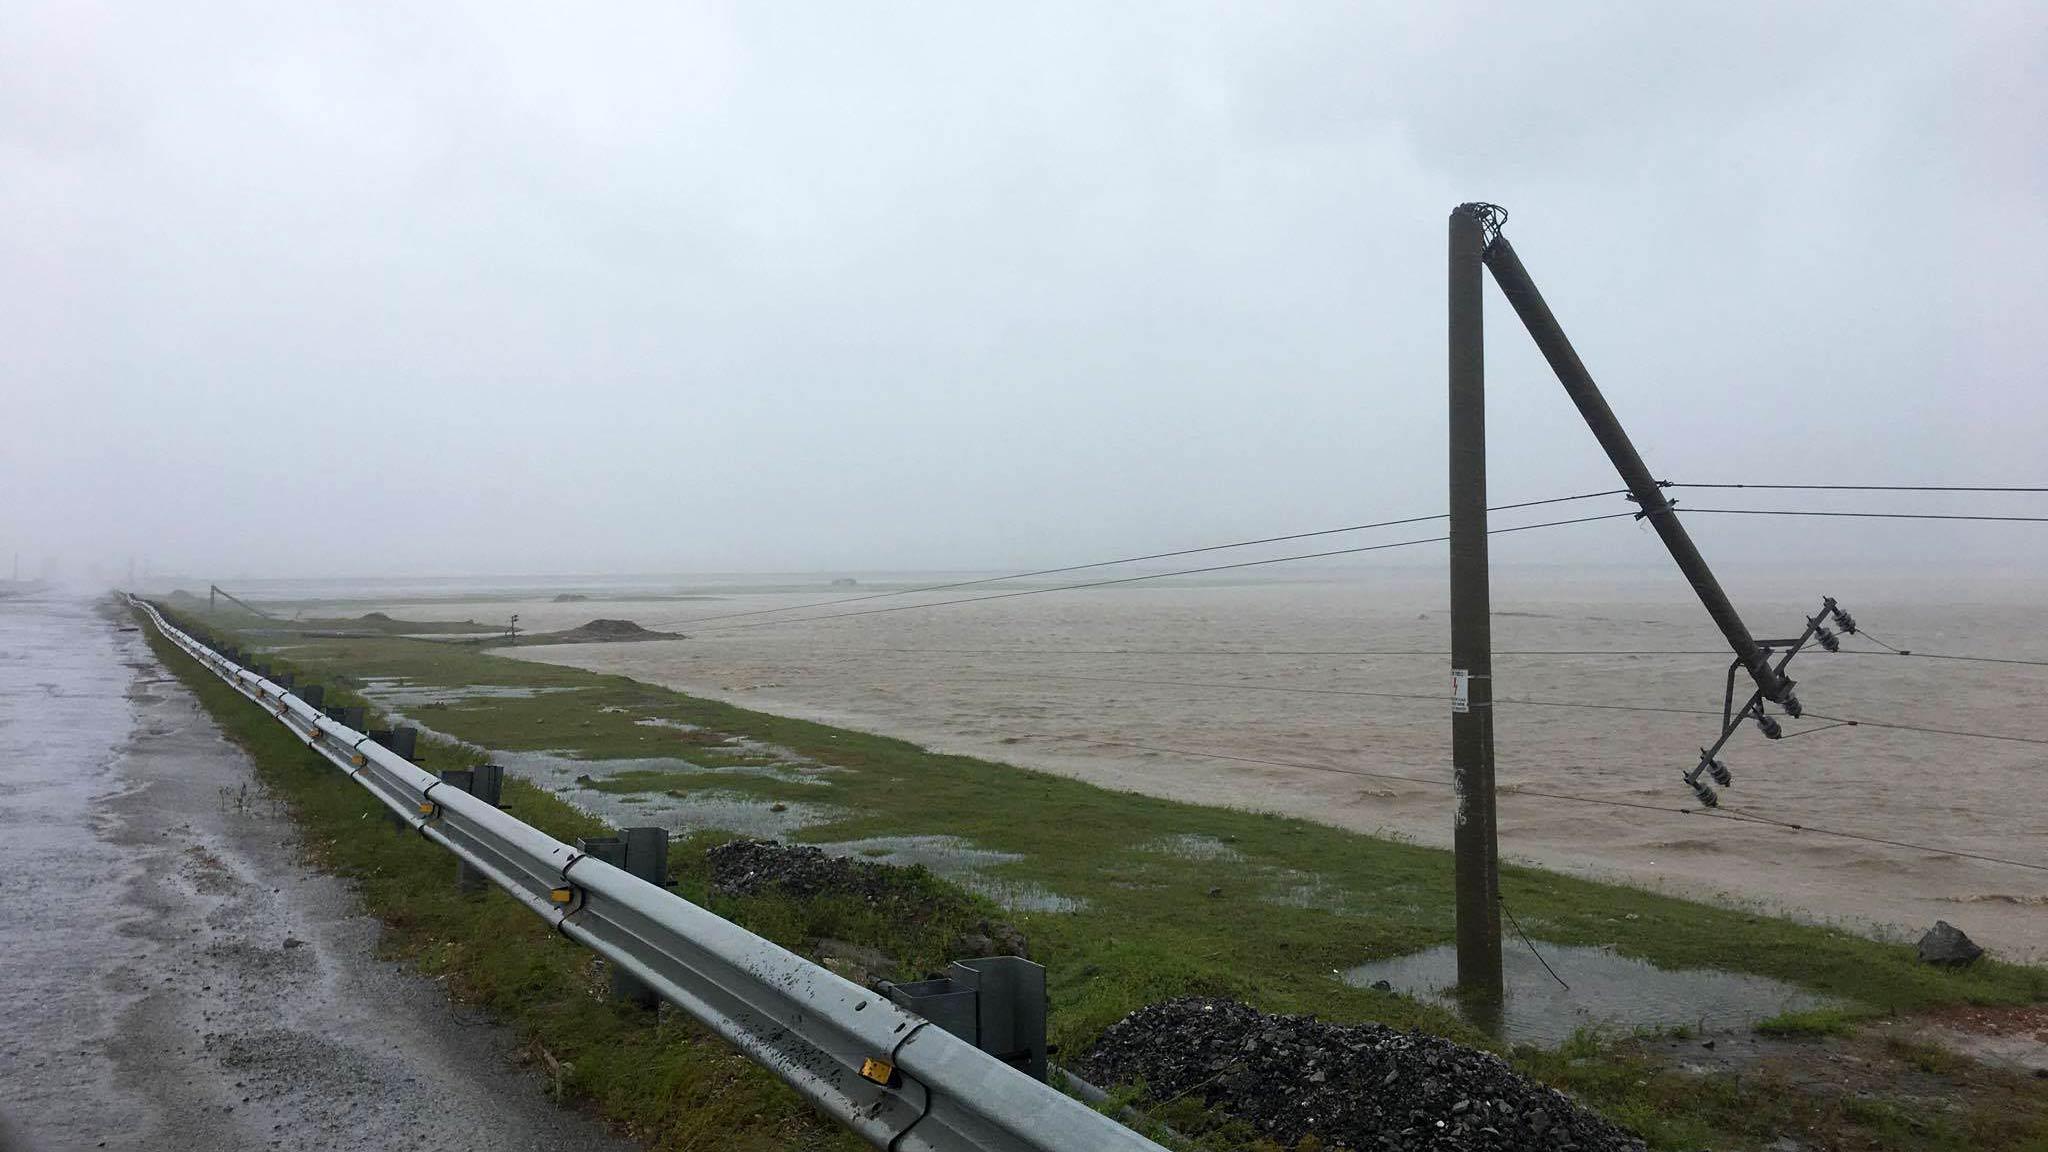 Các địa phương bị ảnh hưởng do bão số 10 có điện trở lại - Ảnh 1